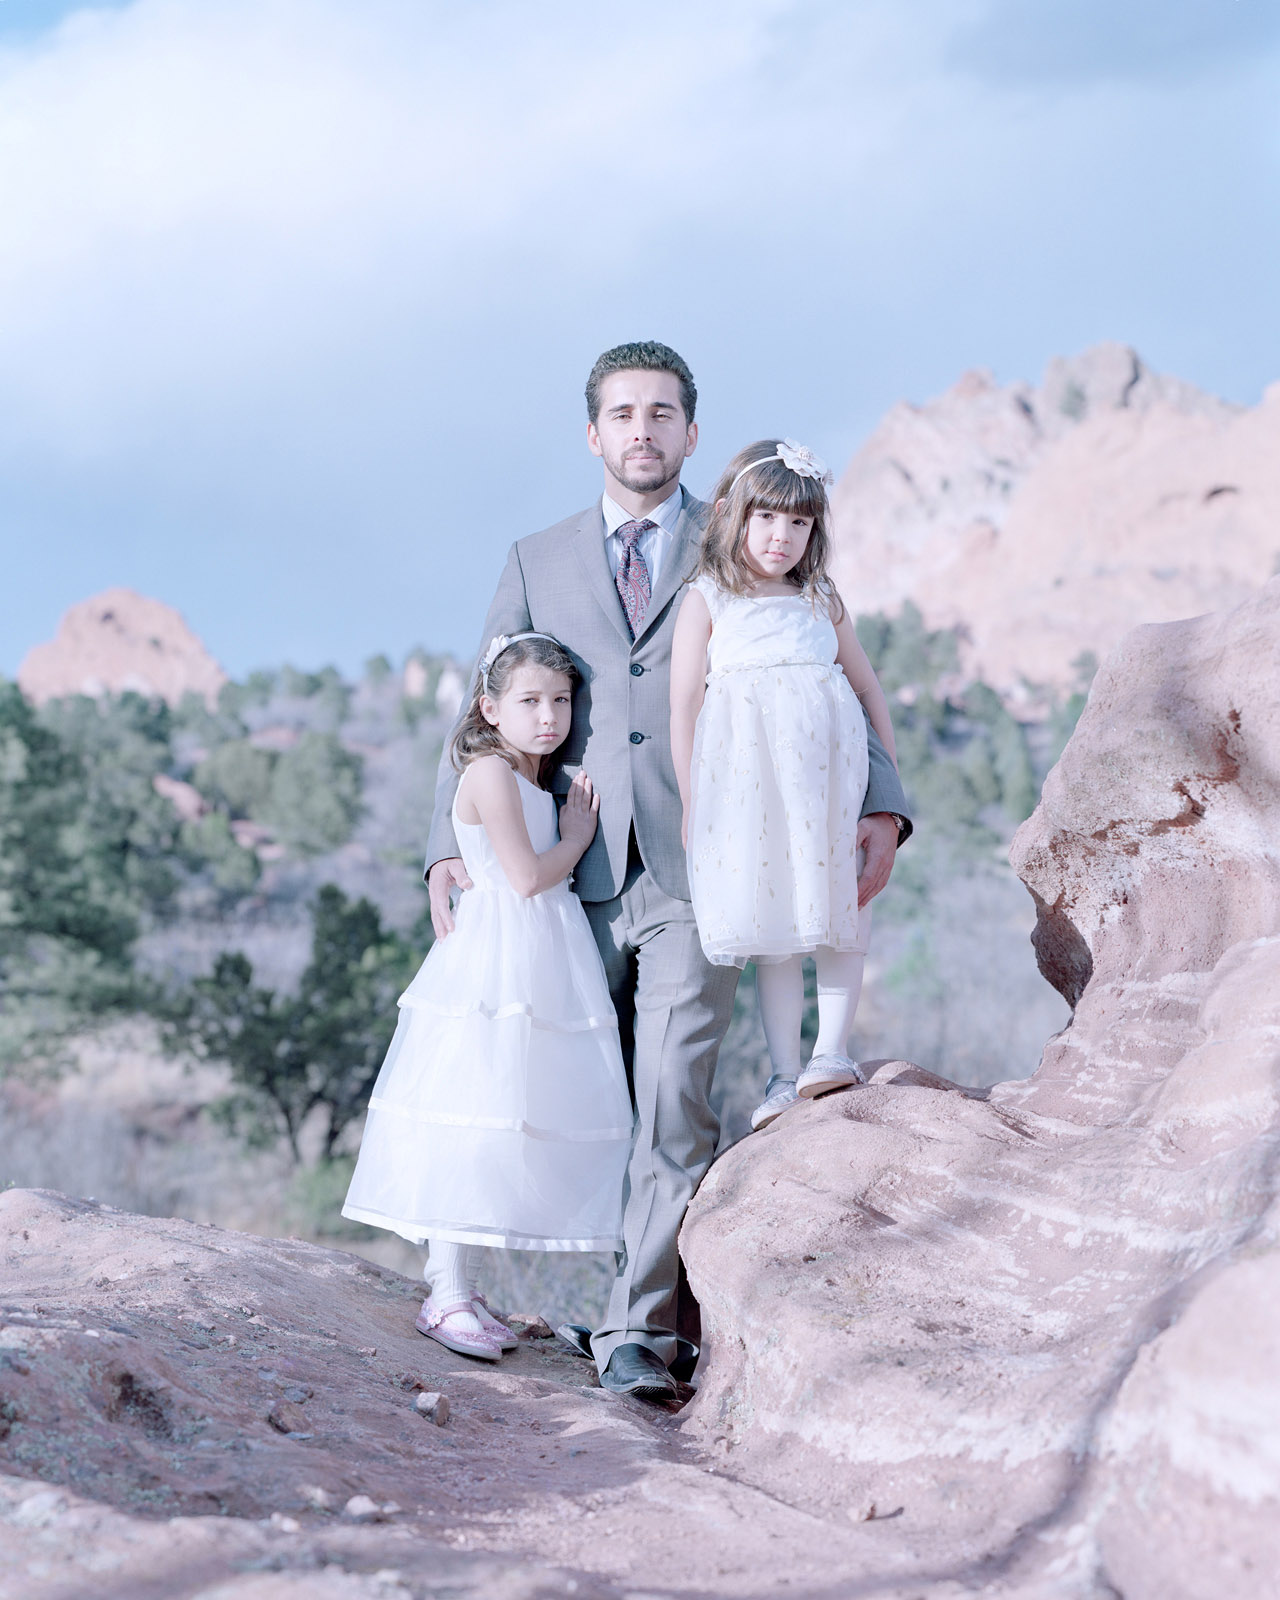 Laila, Antonio & Maya Sa, Colorado Springs, Colorado